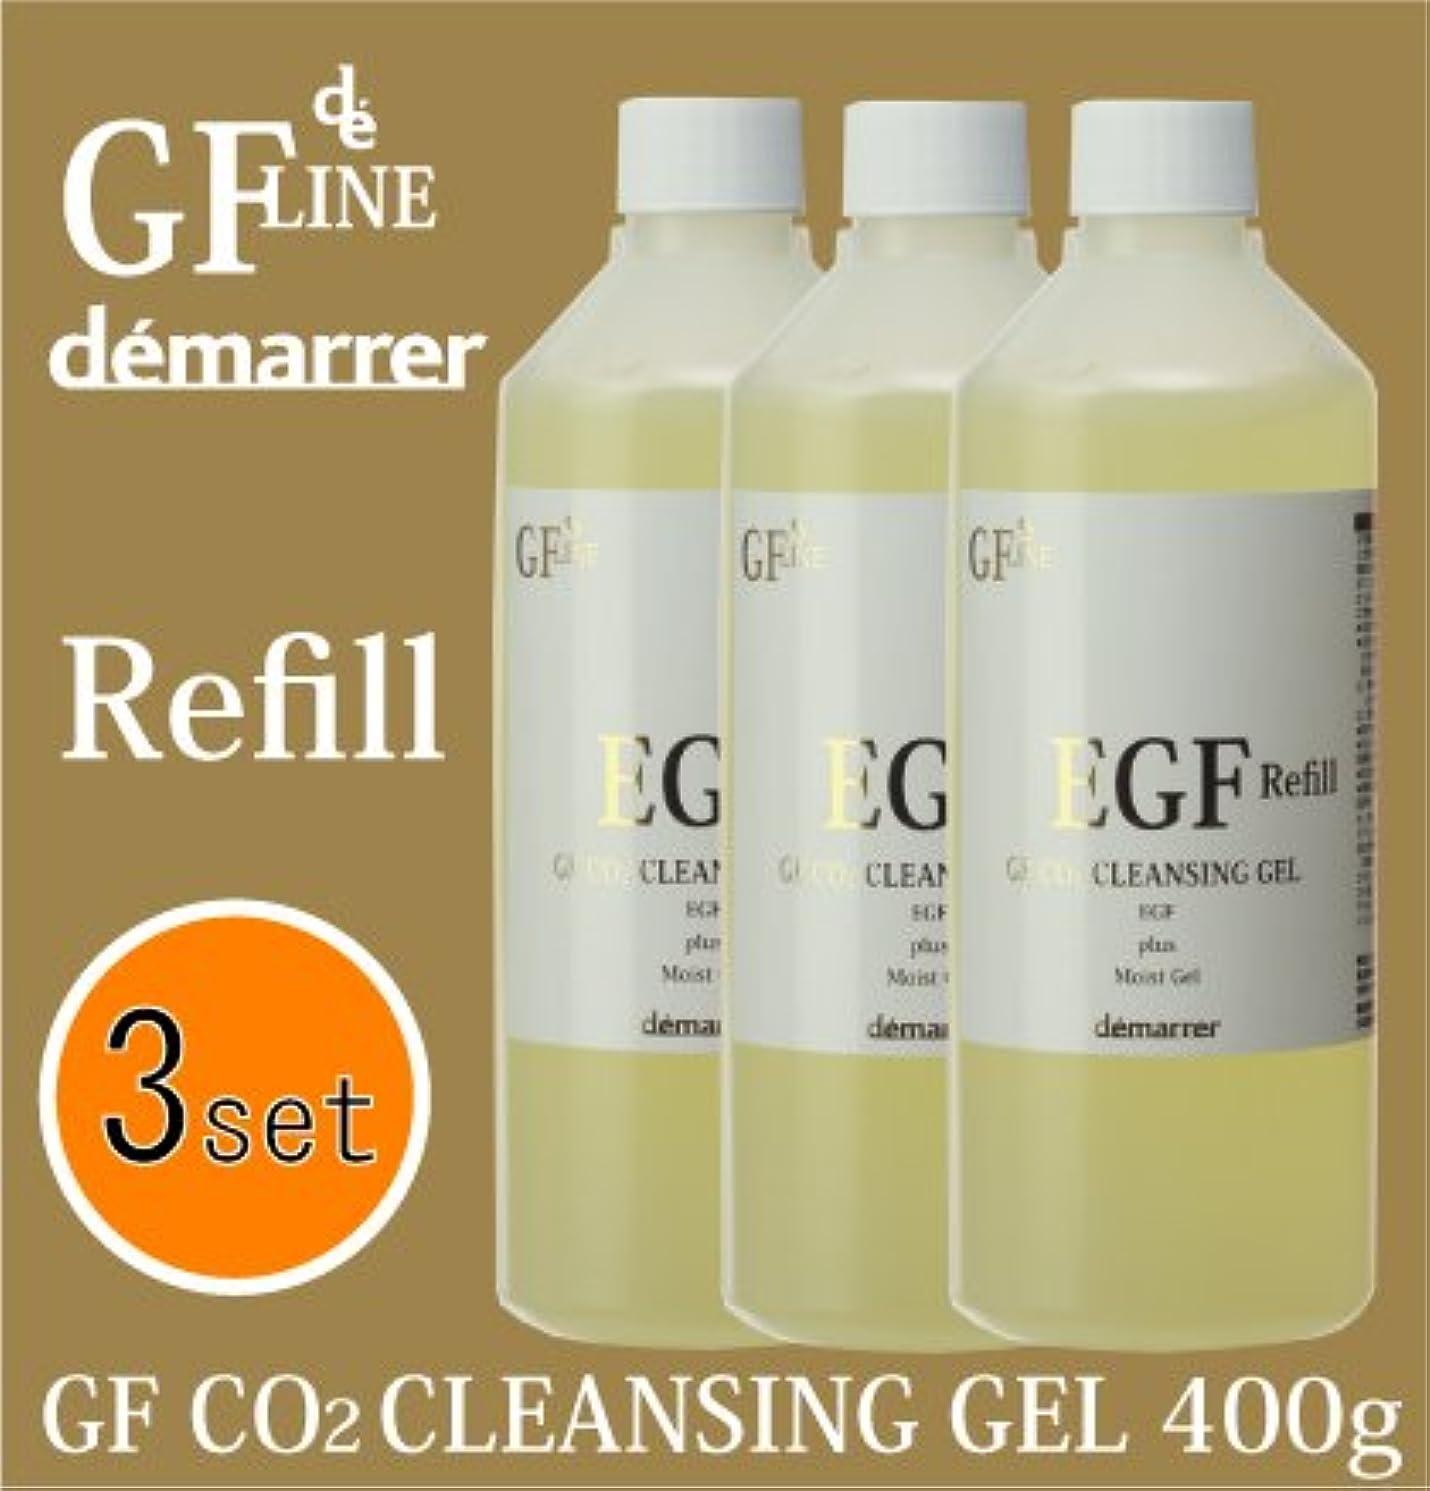 精通した野心的瞬時にデマレ GF 炭酸洗顔クレンジン 400g レフィル 詰替用 3本セット